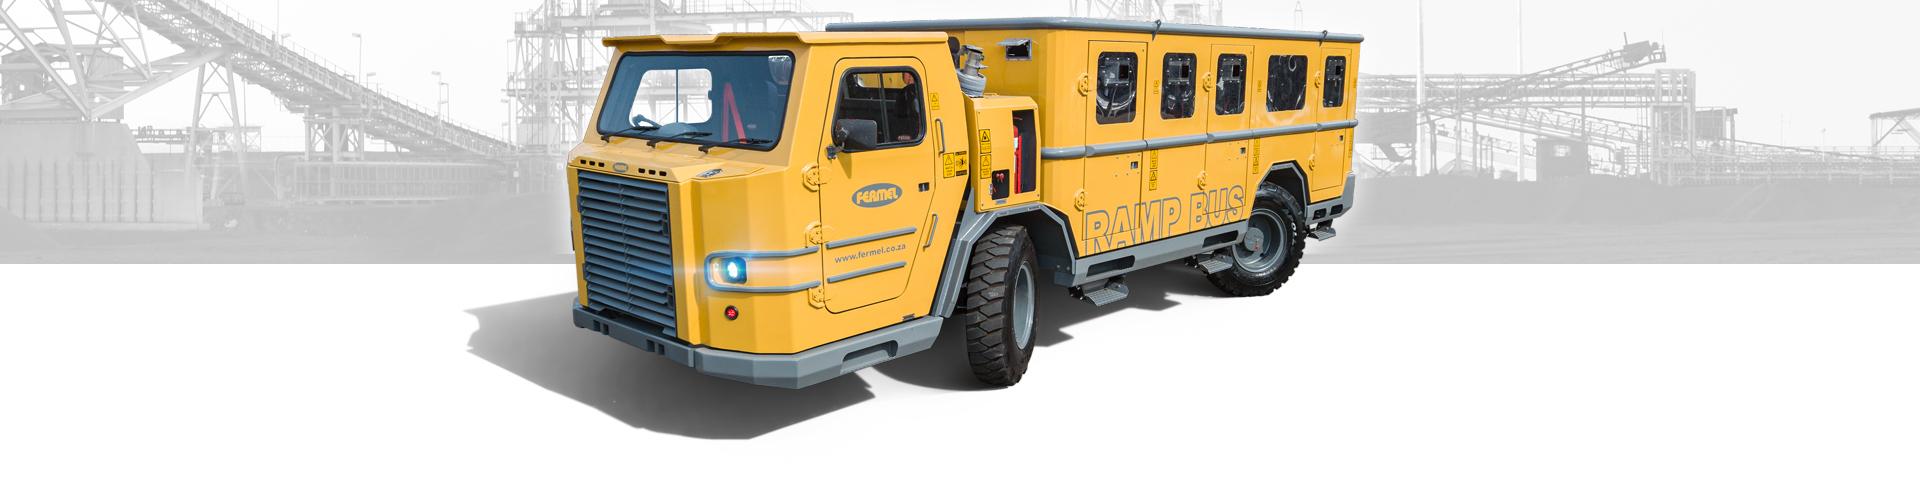 Ramp Bus